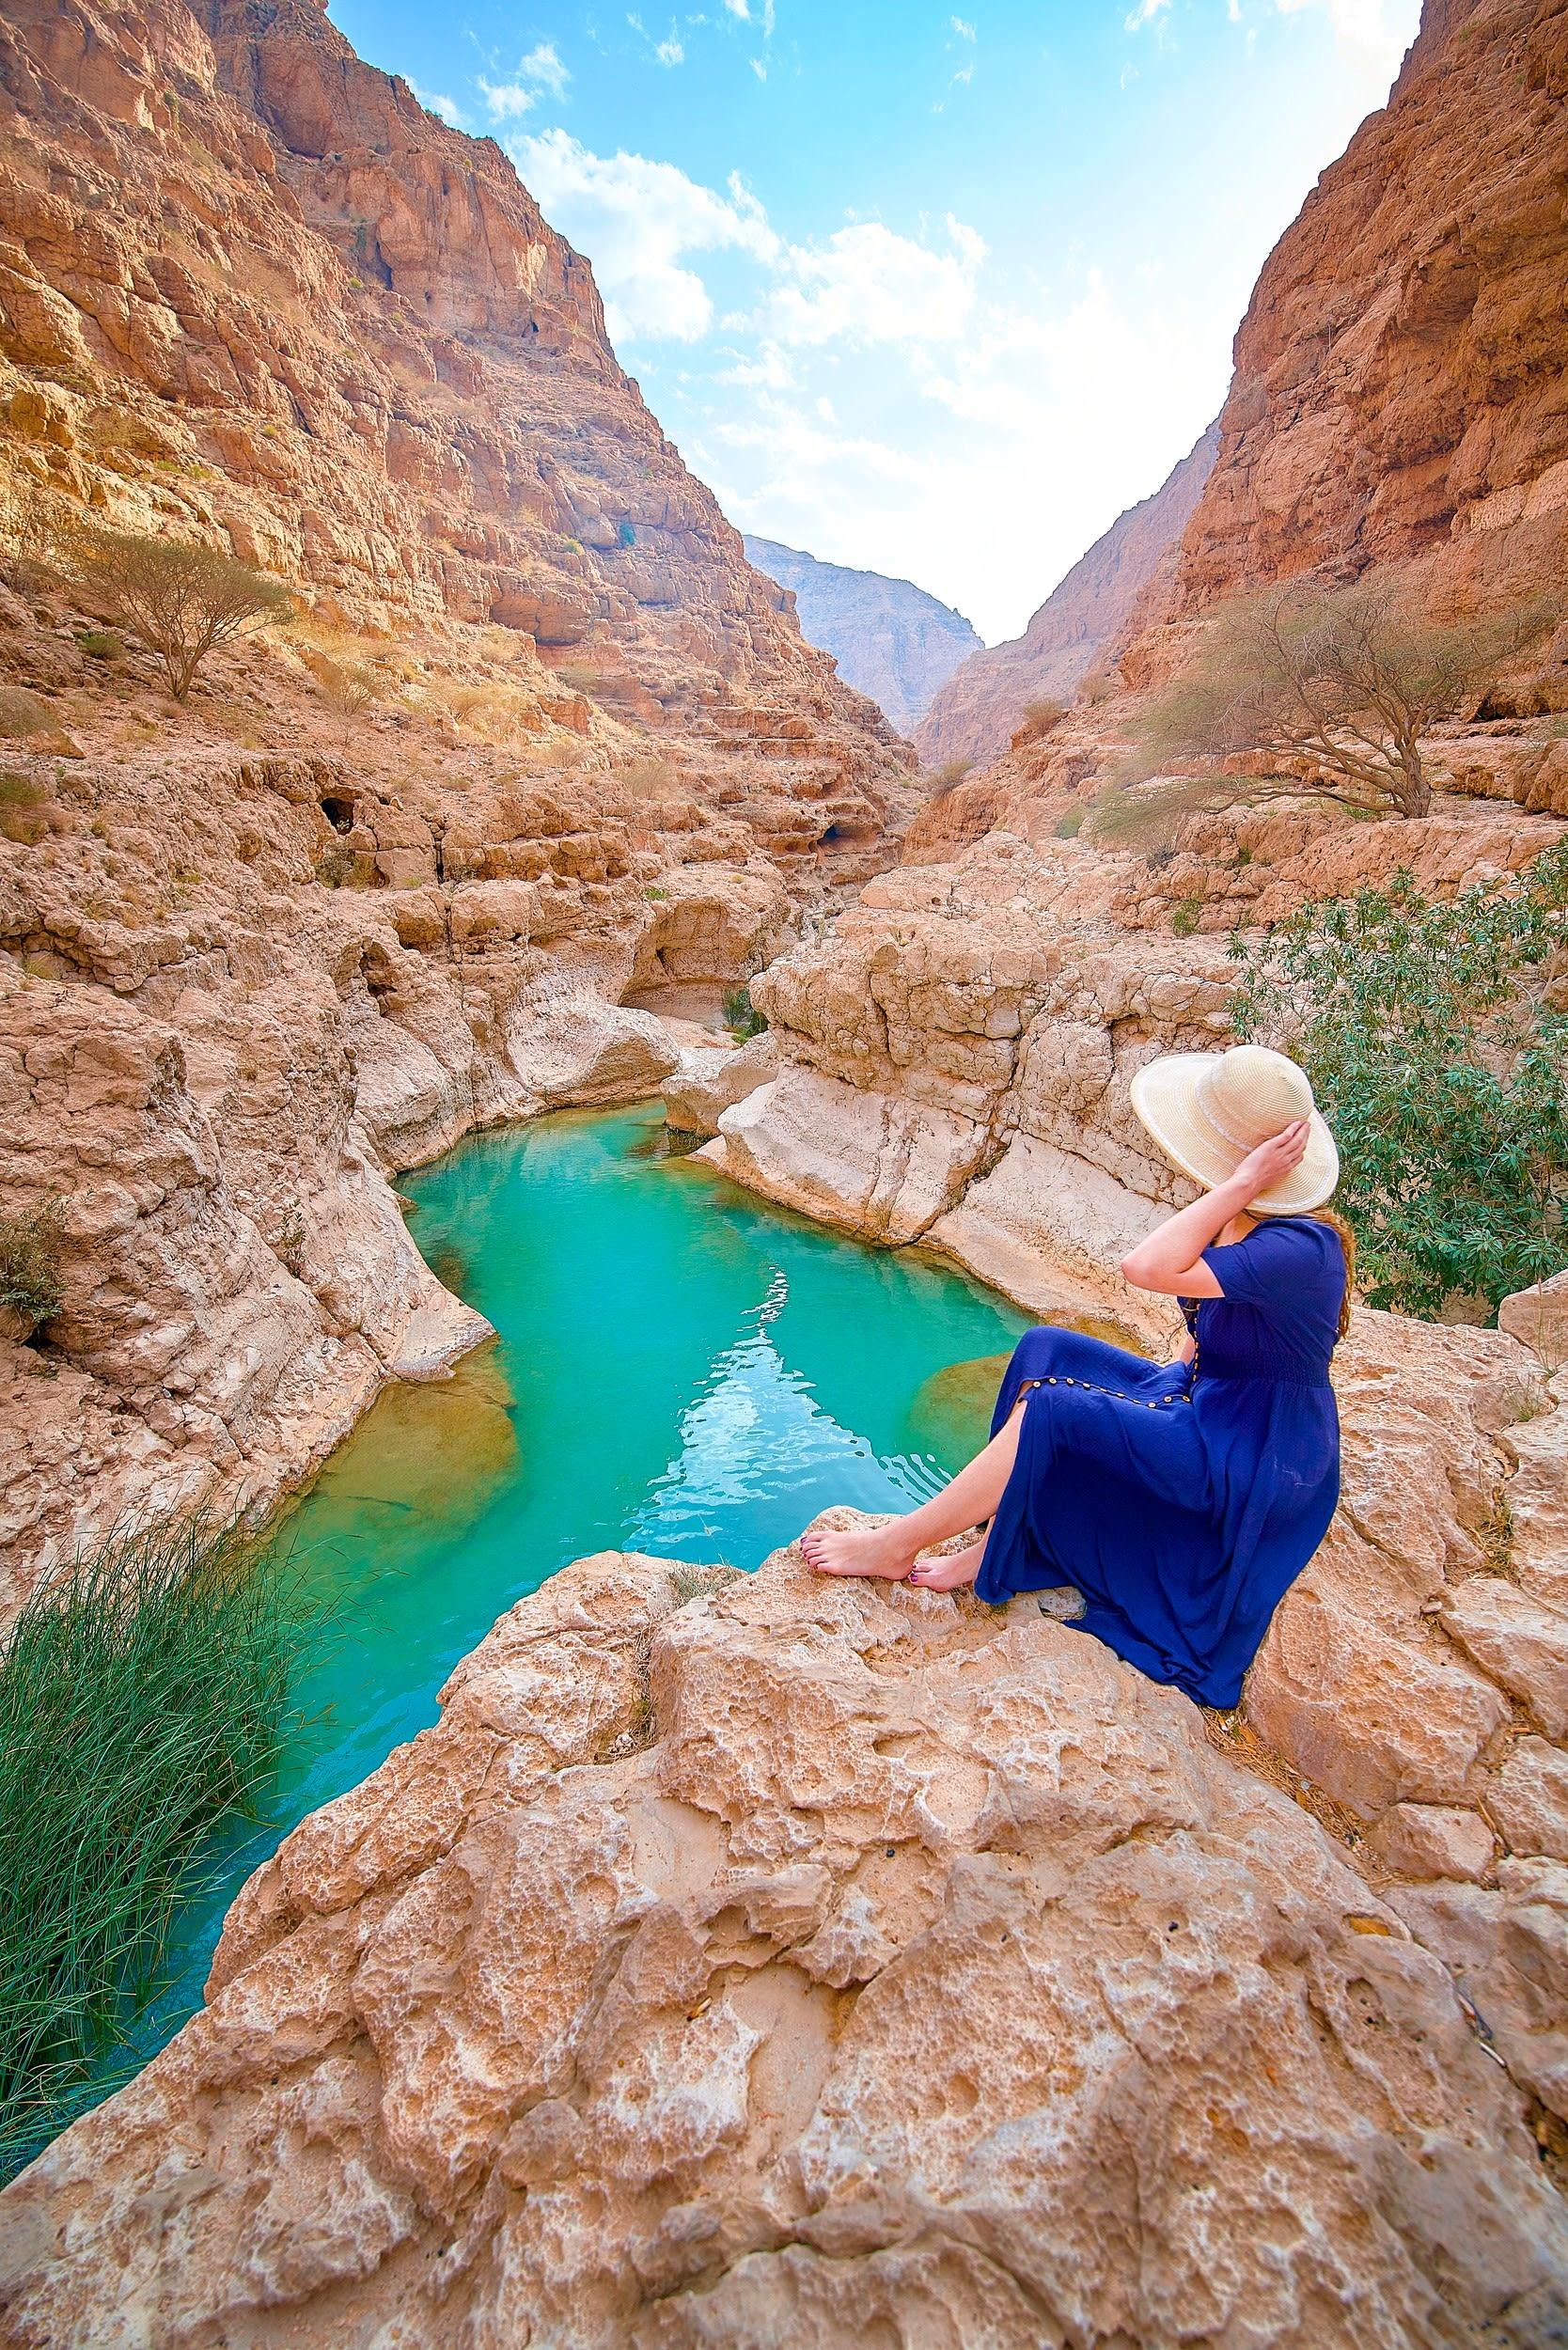 وادي شاب في سلطنة عمان